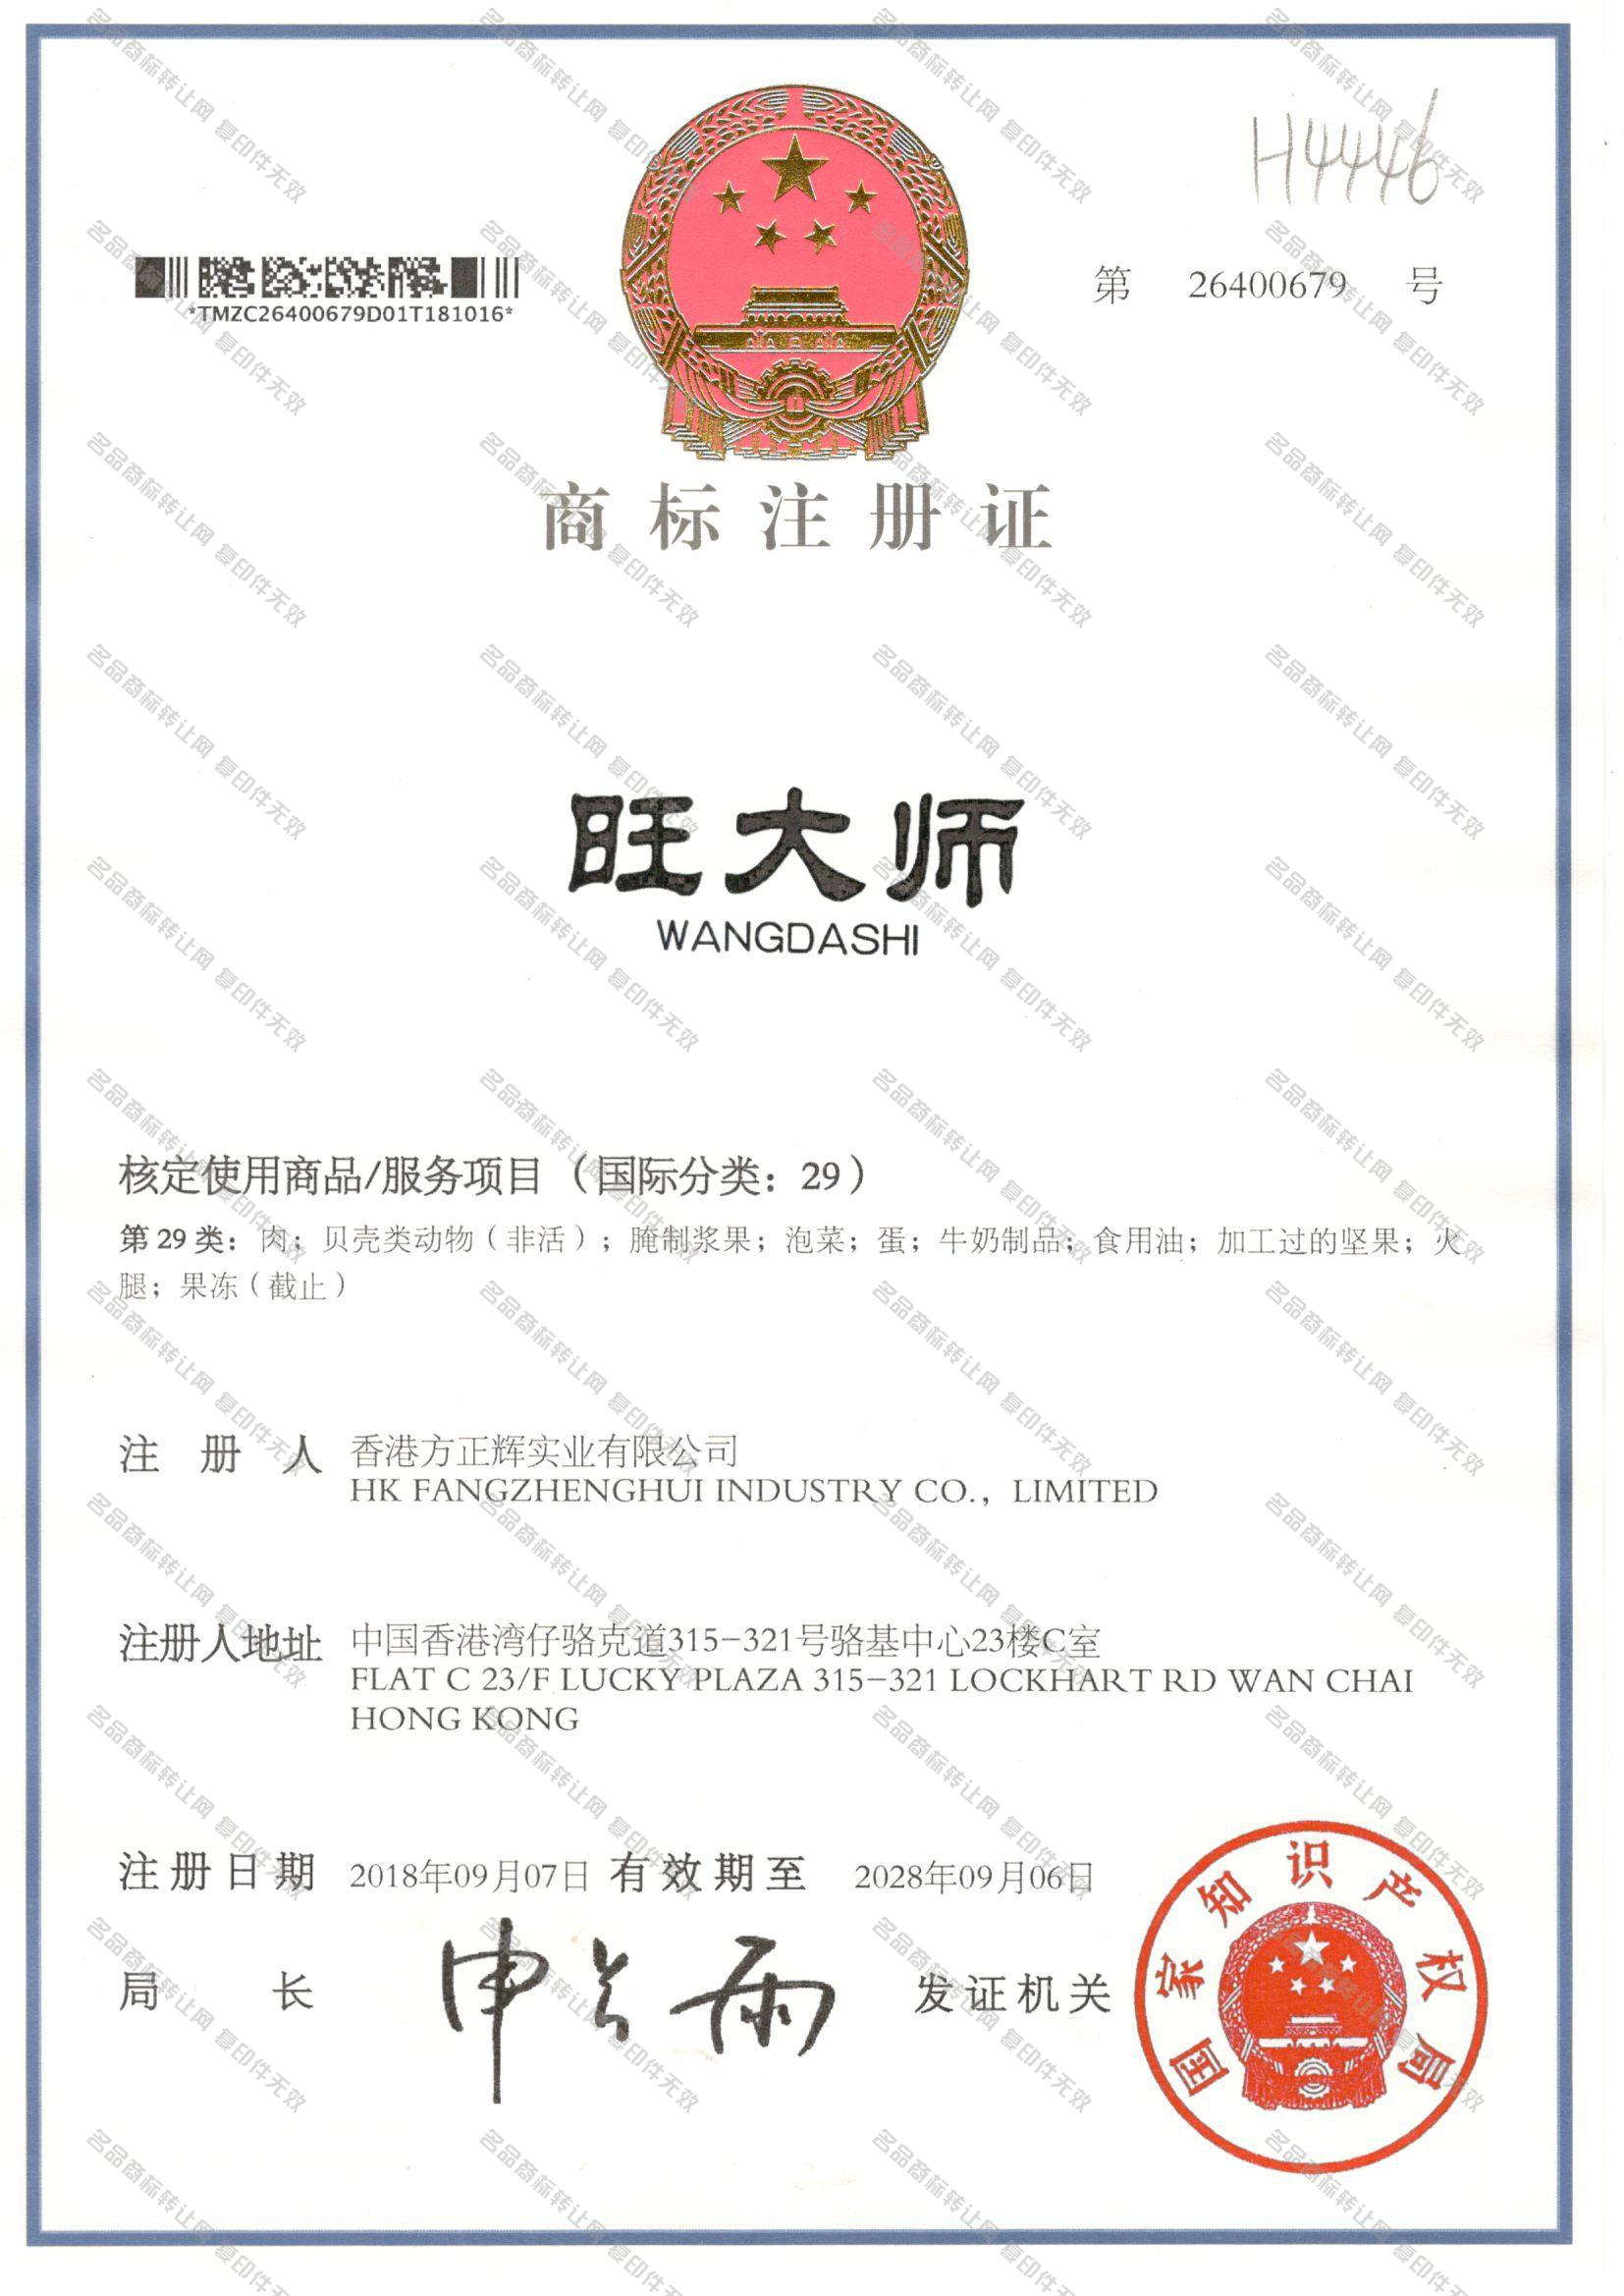 旺大师 WANGDASHI注册证